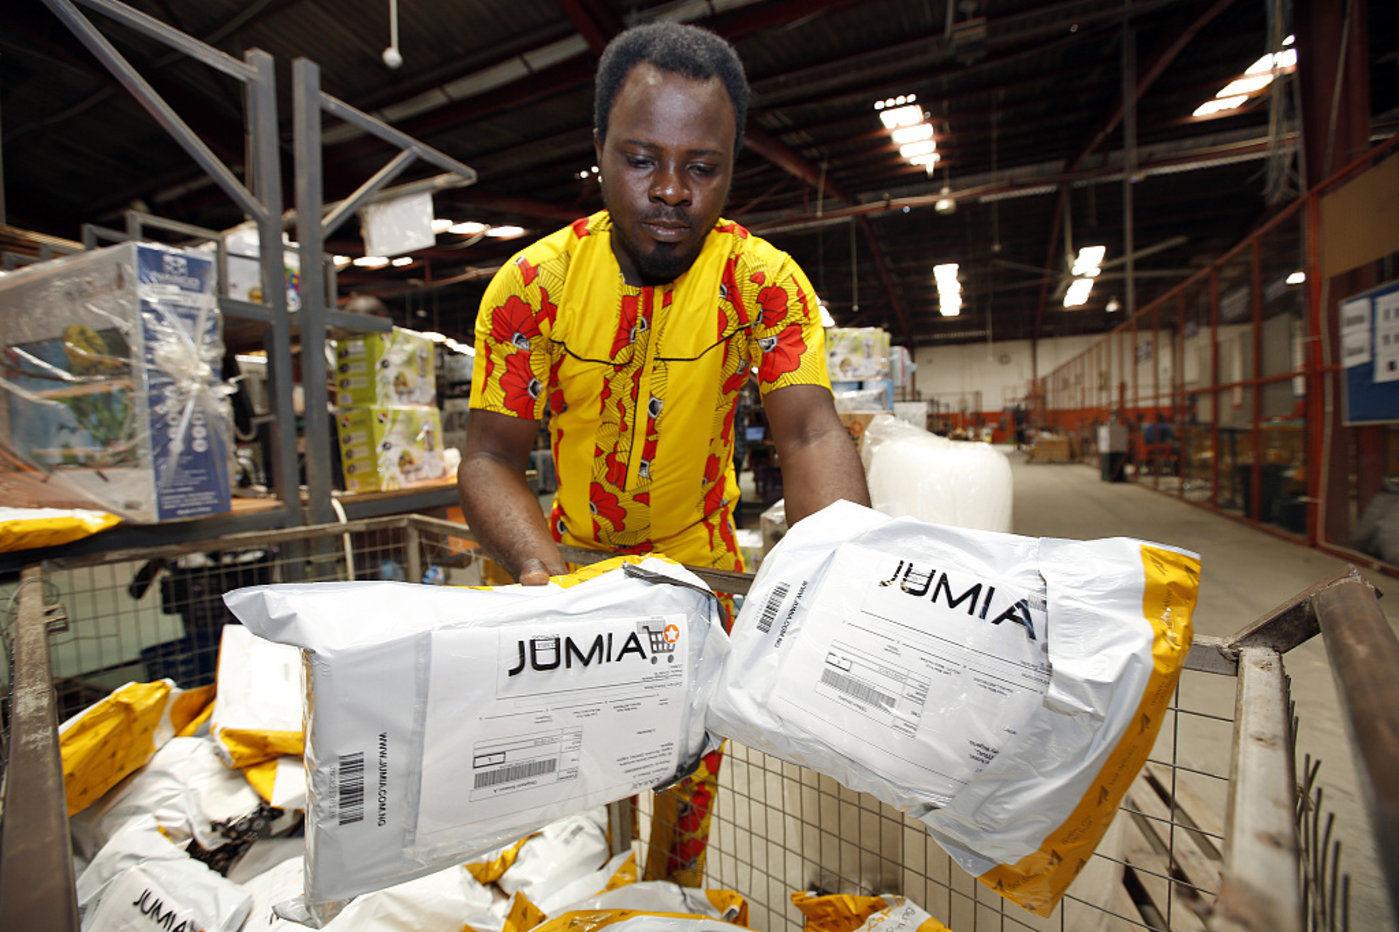 独角兽Jumia会是